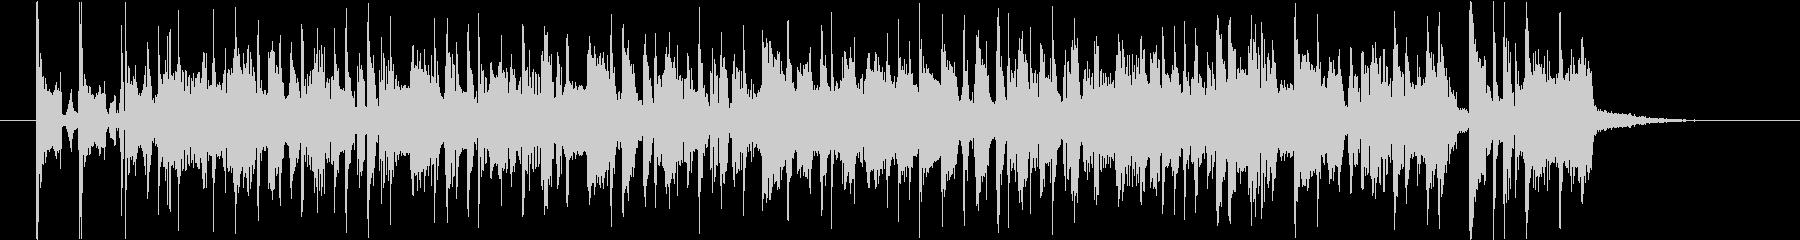 Lo-Fiサウンドなボサノバの未再生の波形